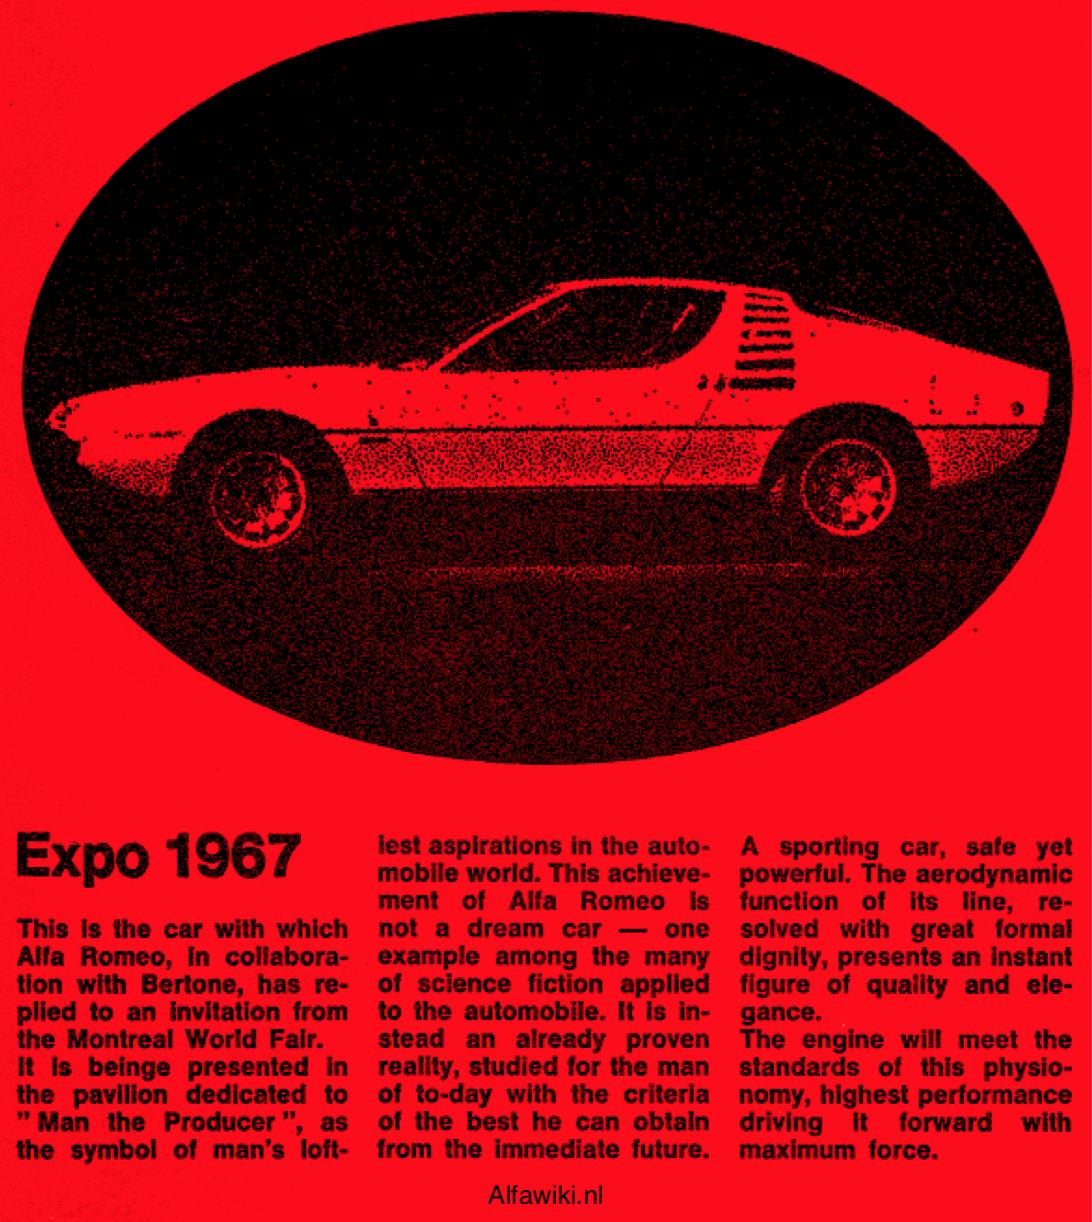 Alfa Romeo Expo flyer